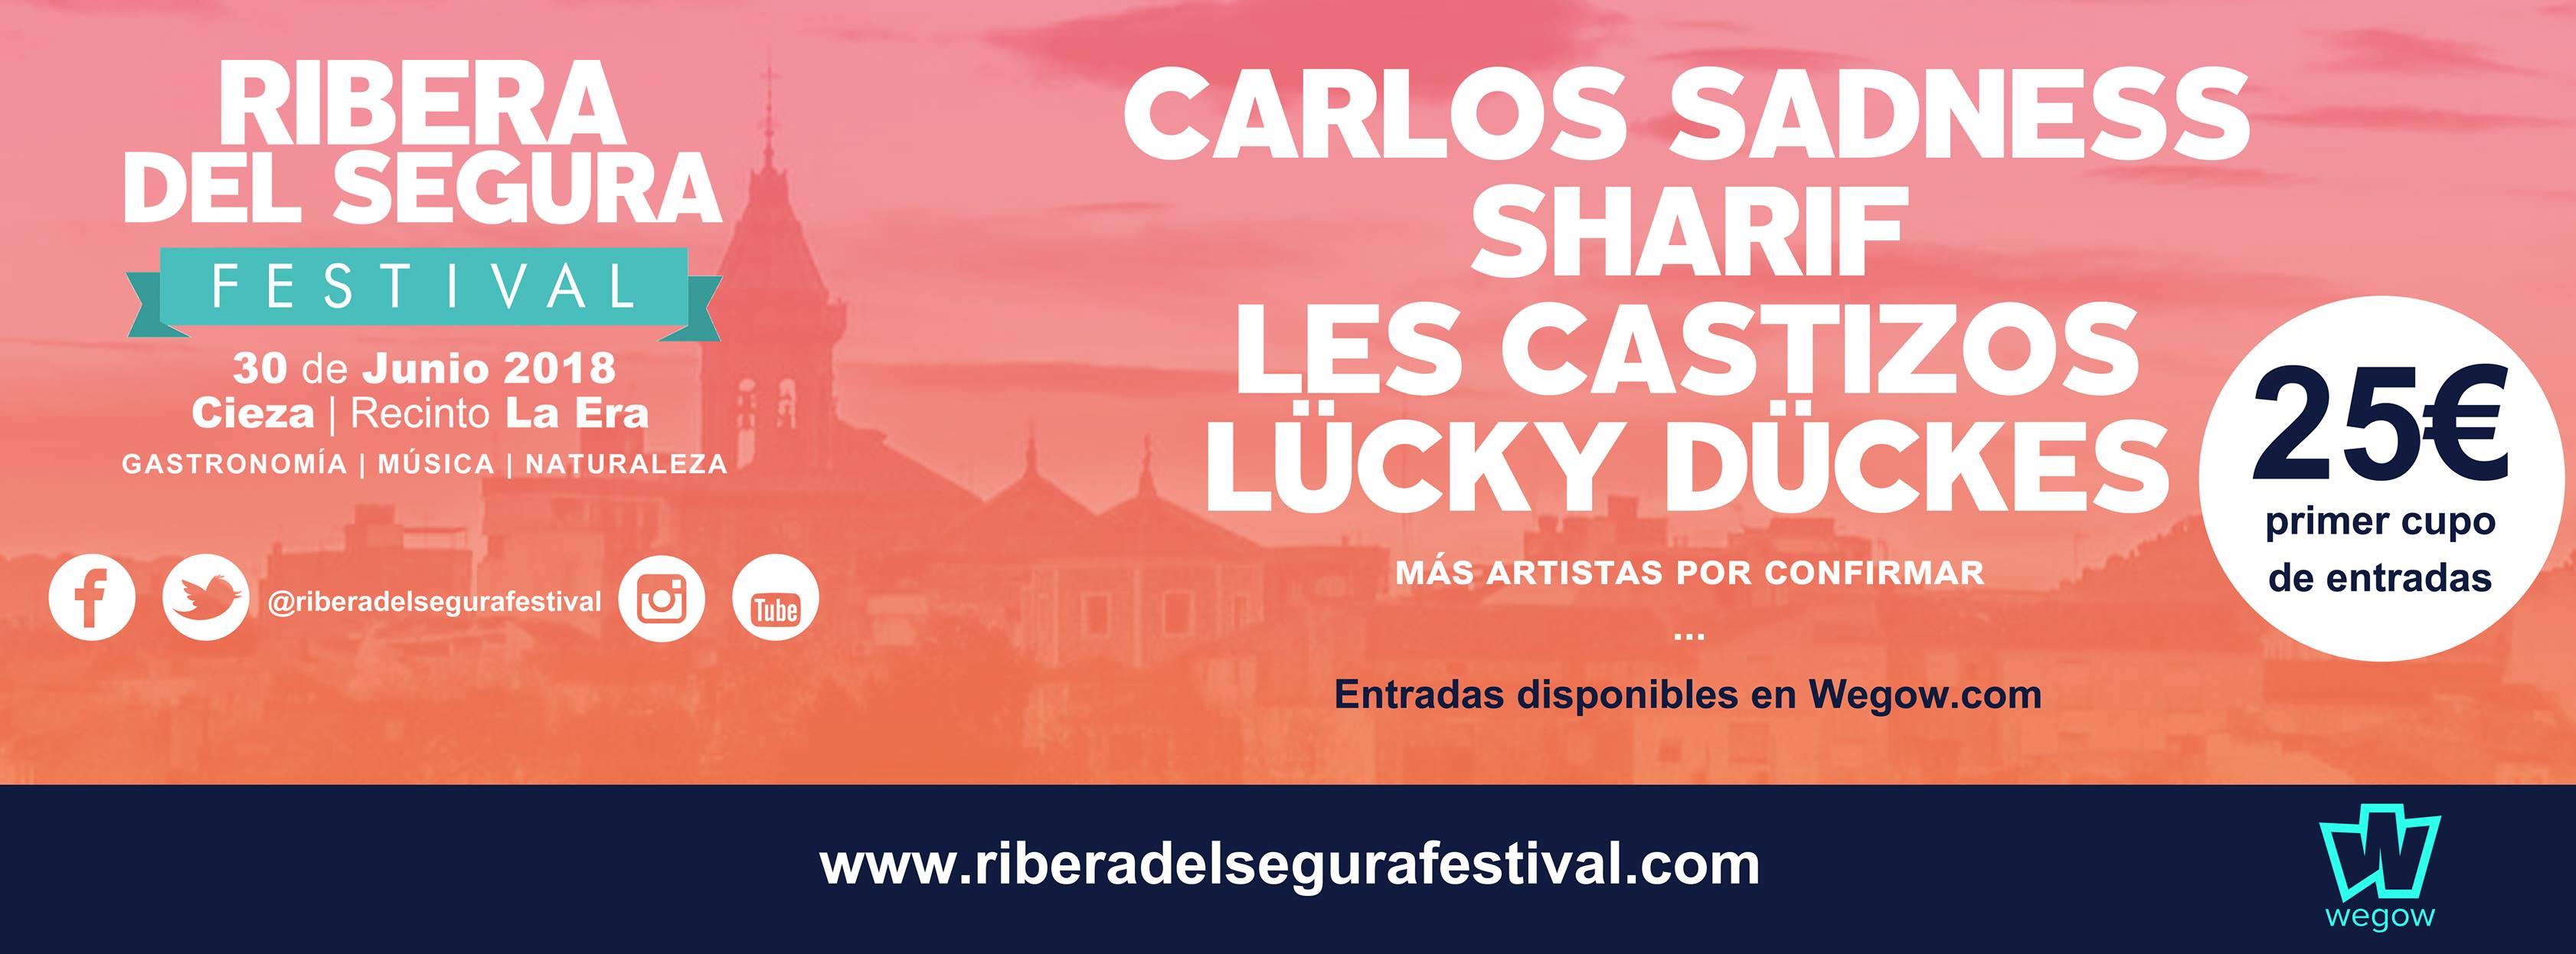 Nace un nuevo festival en la Región de Murcia: El Ribera del Segura Festival